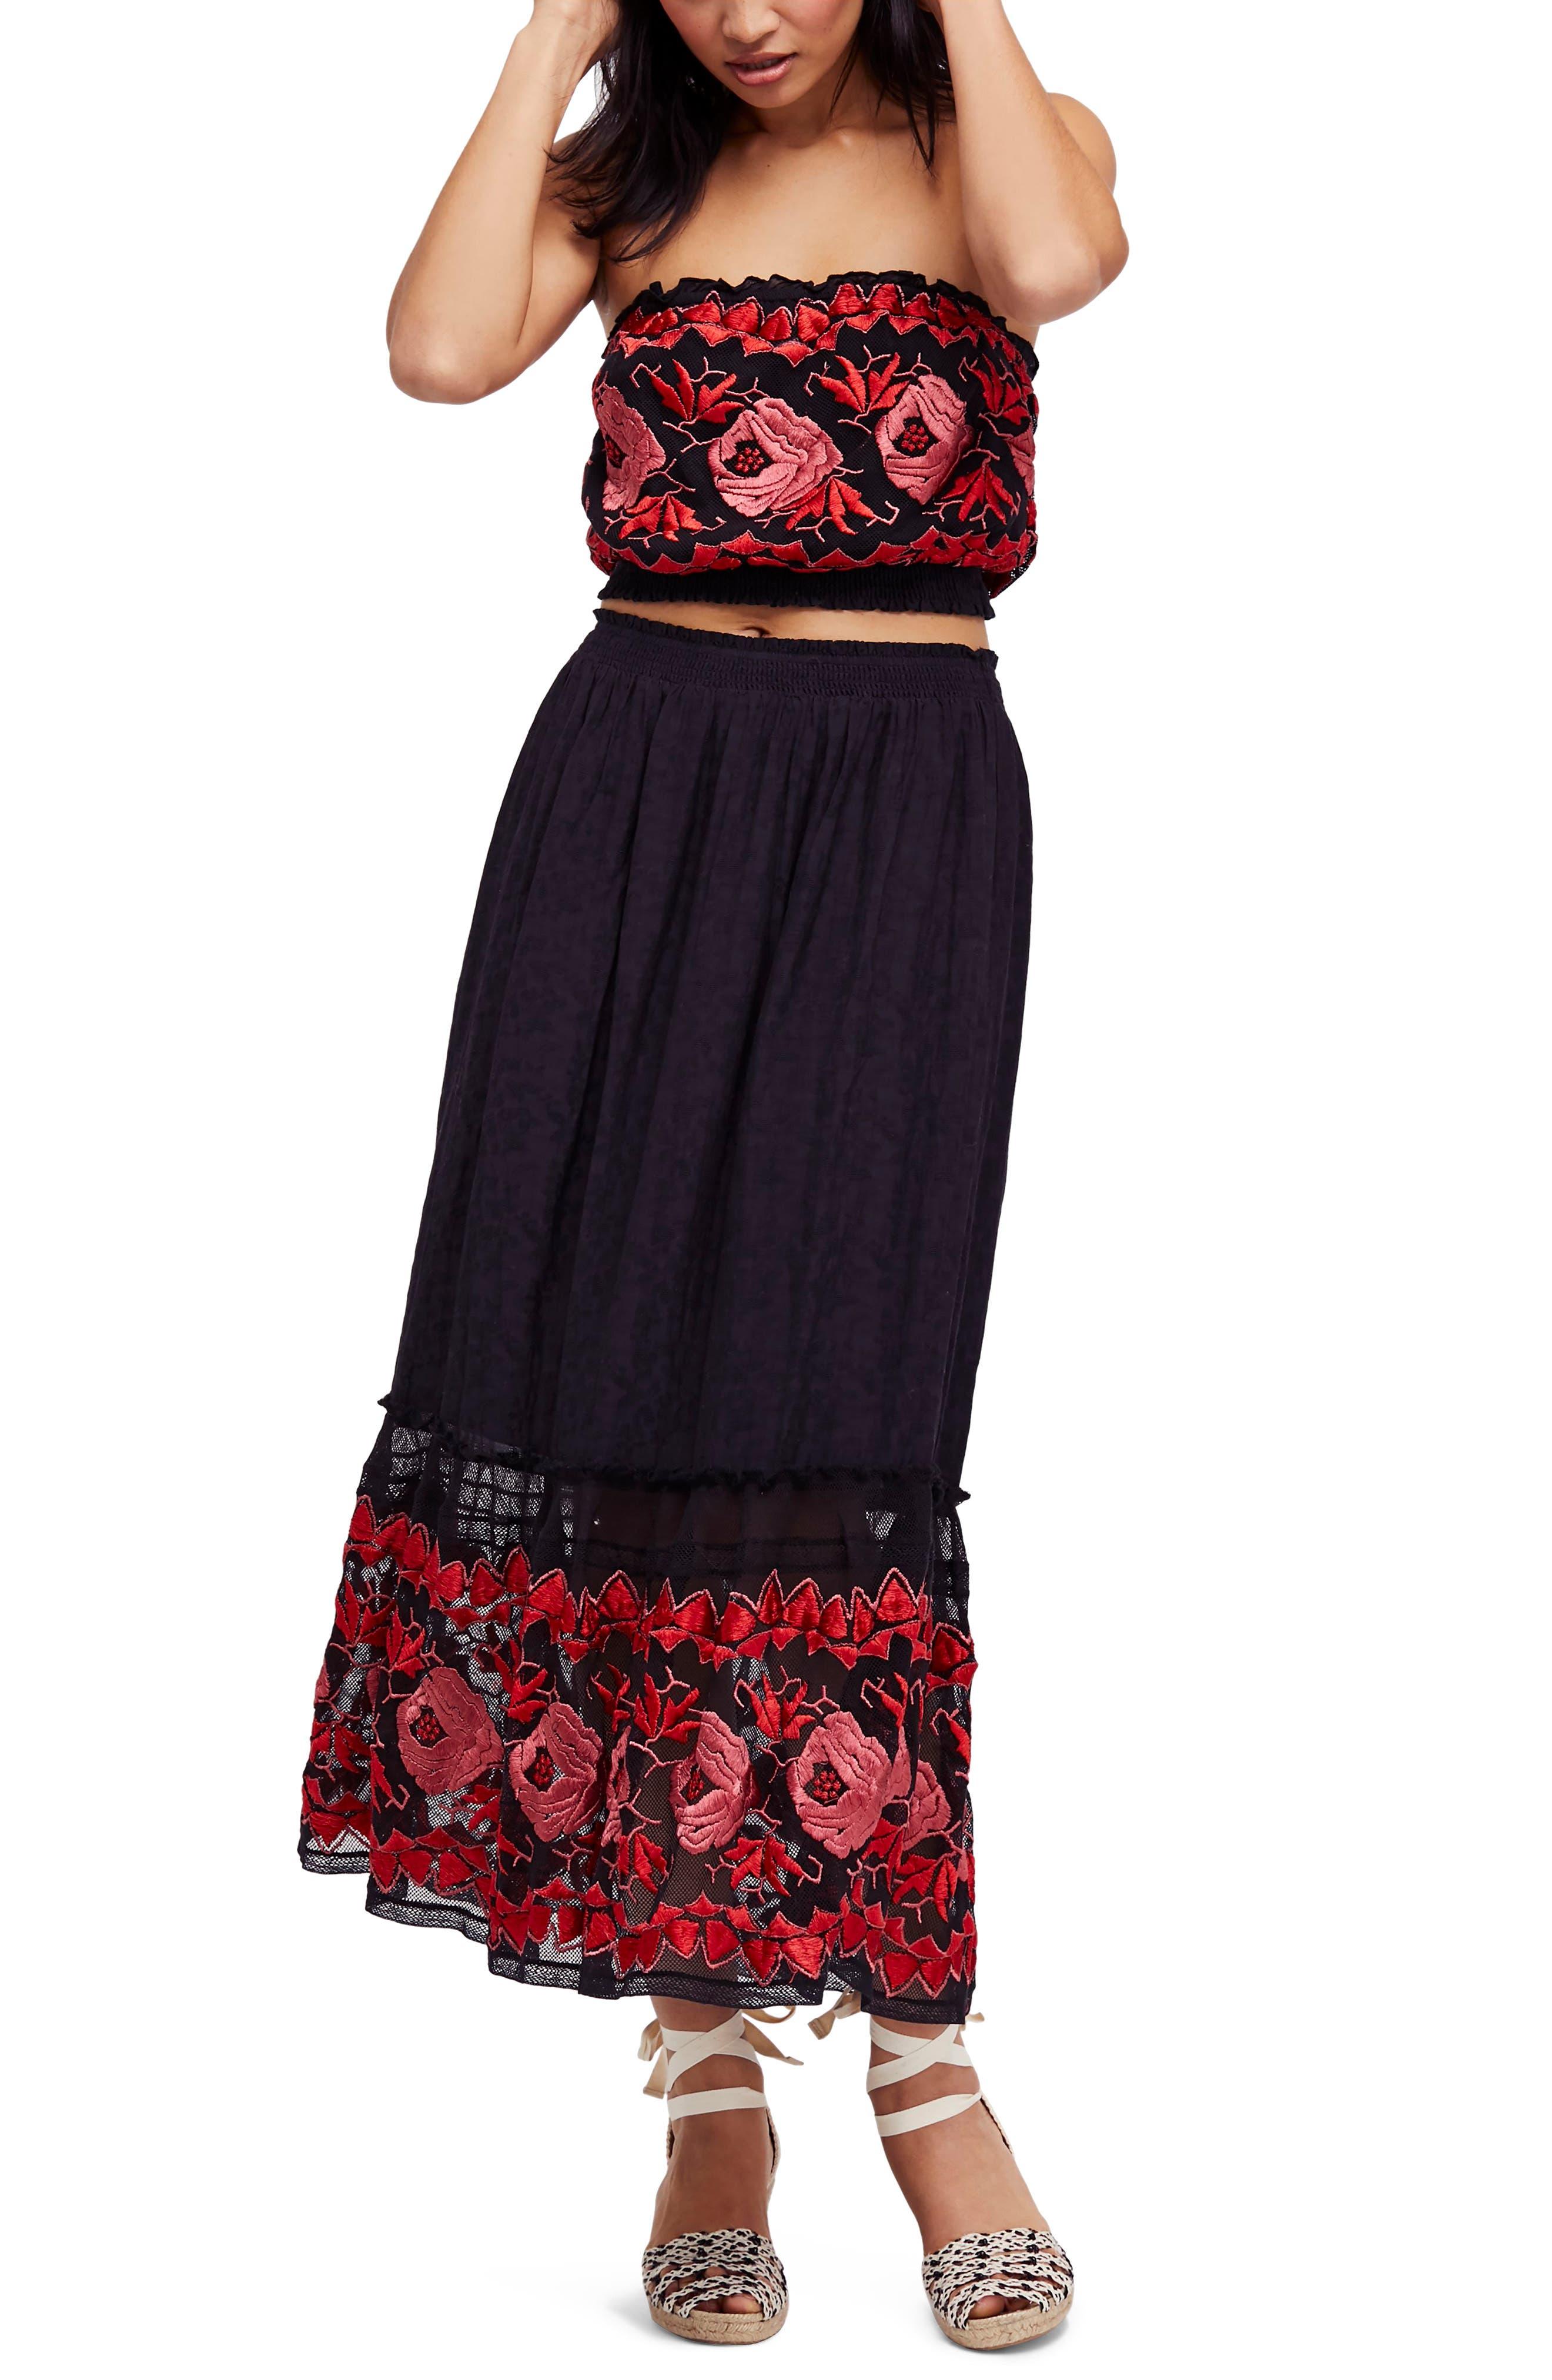 Rosebud Top & Skirt,                             Main thumbnail 1, color,                             019